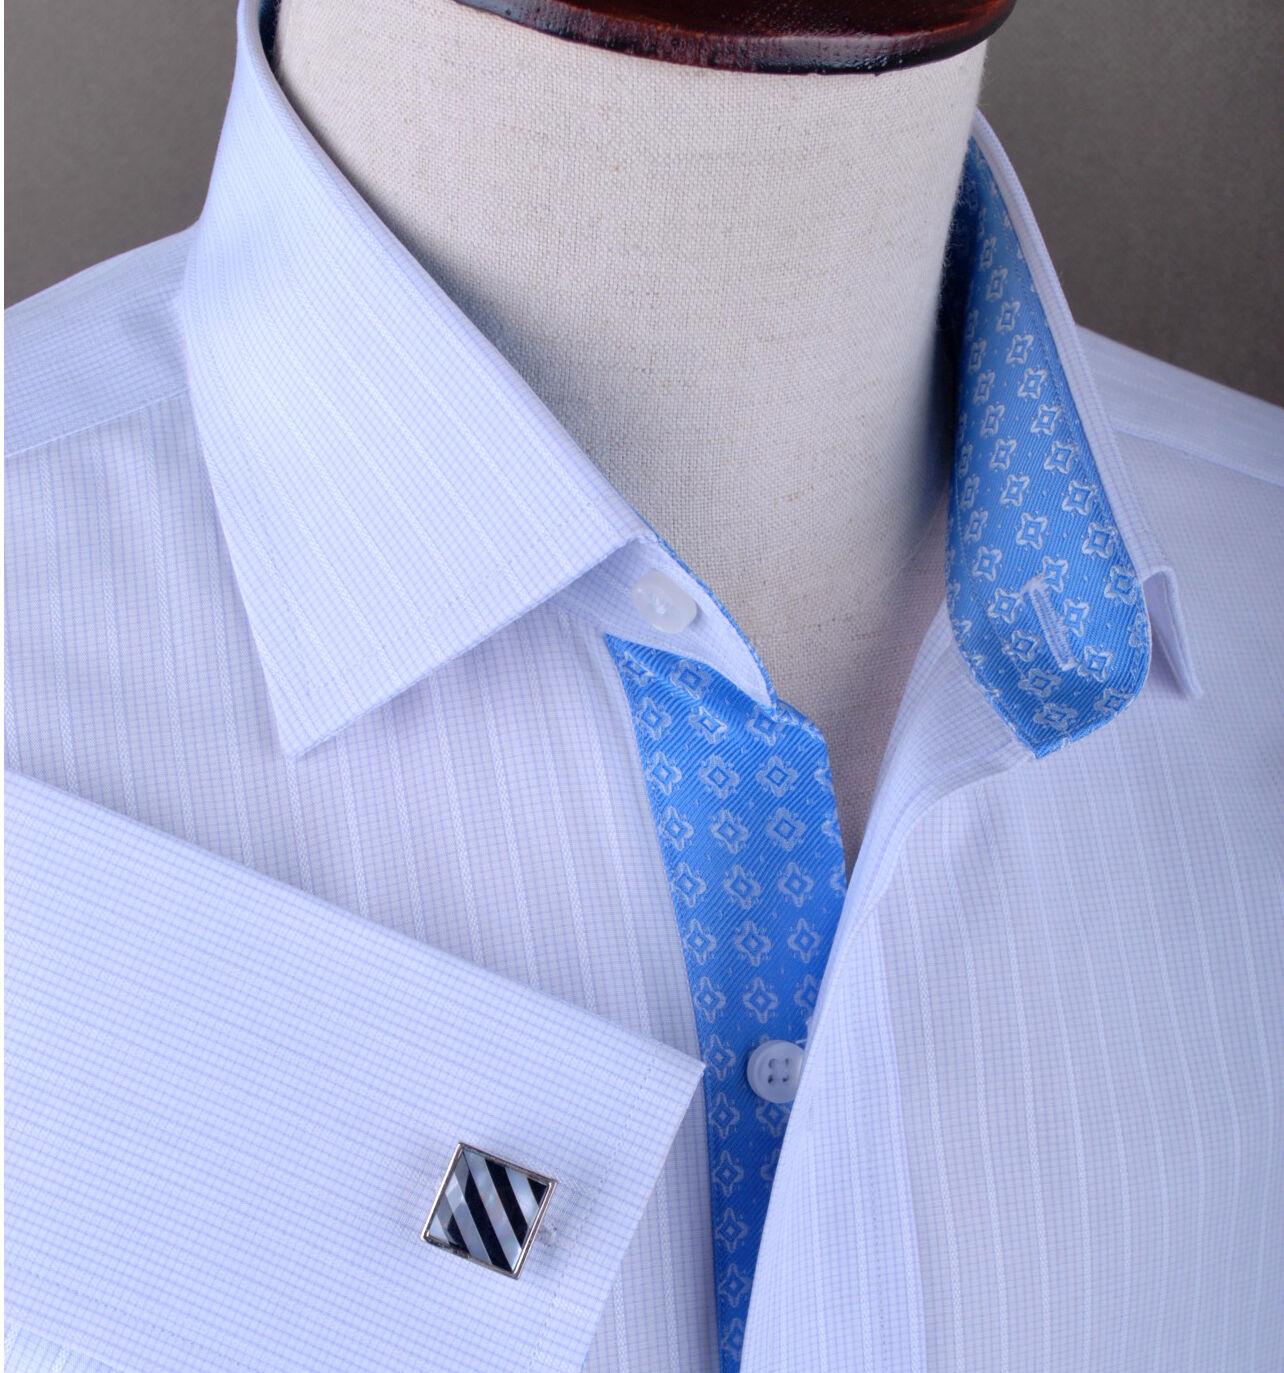 Vintage Formal & Geschäft Dress Shirt  Herren Designer Everyday Geschäft Casual Tie